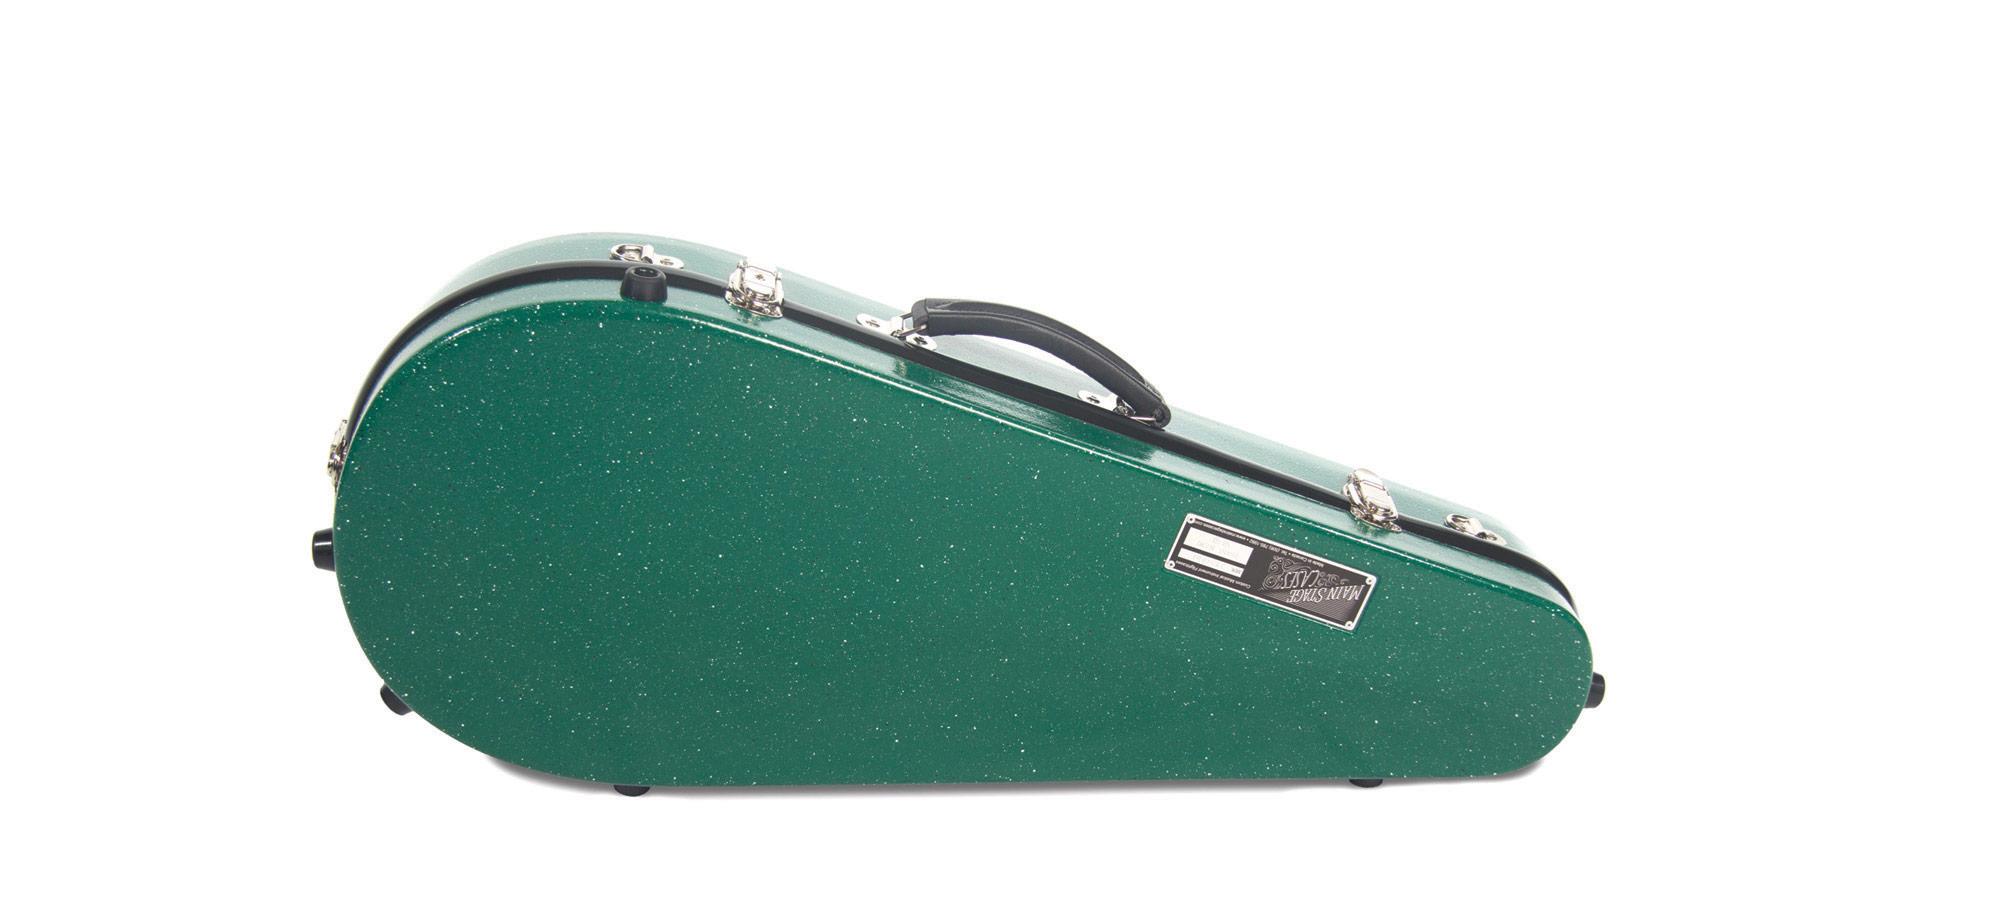 mainstage-mandolin-green